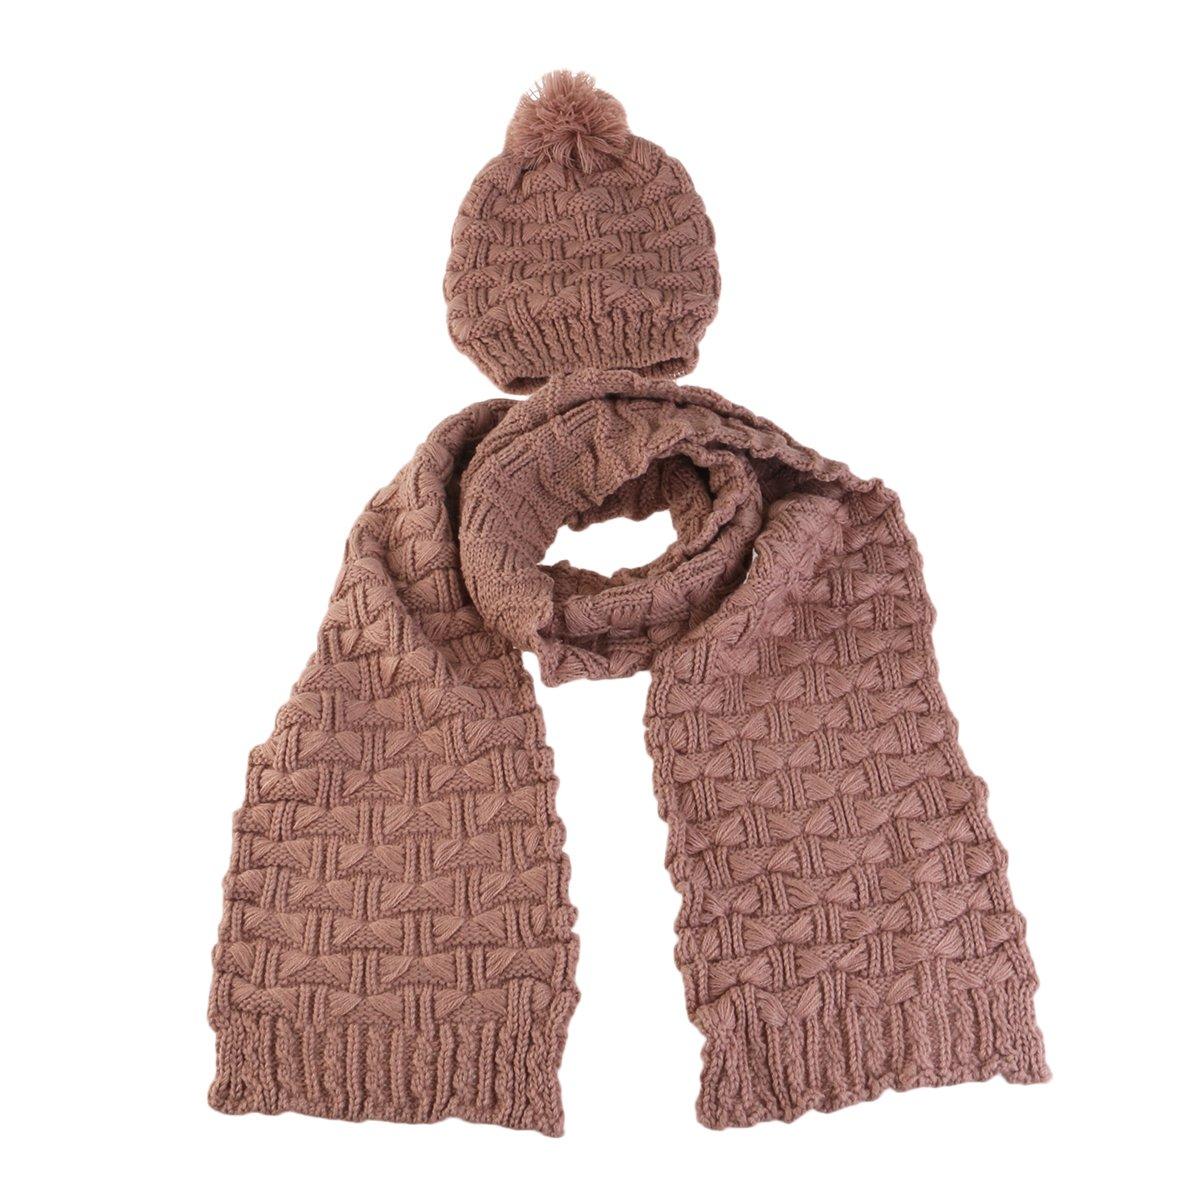 Pixnor Donne Inverno Lavorato a maglia, cappello e sciarpa Set, As Shown